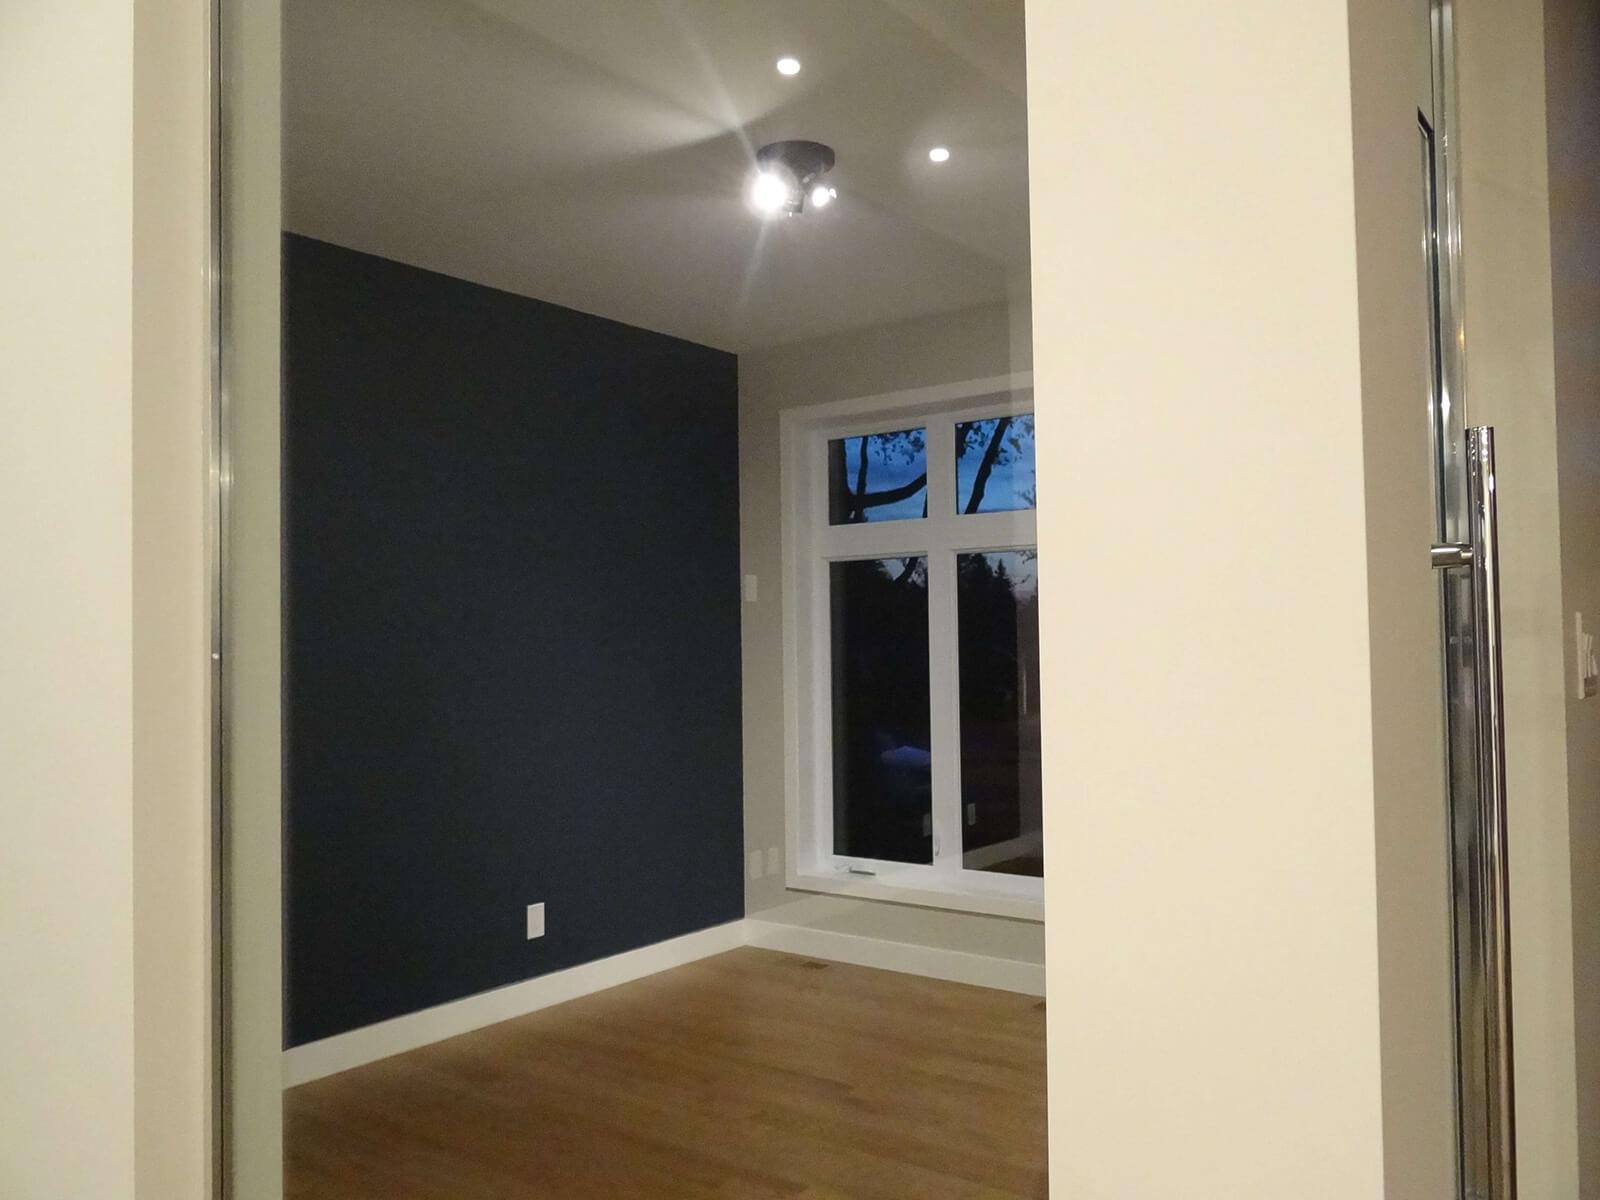 le 765 habitations nergik. Black Bedroom Furniture Sets. Home Design Ideas